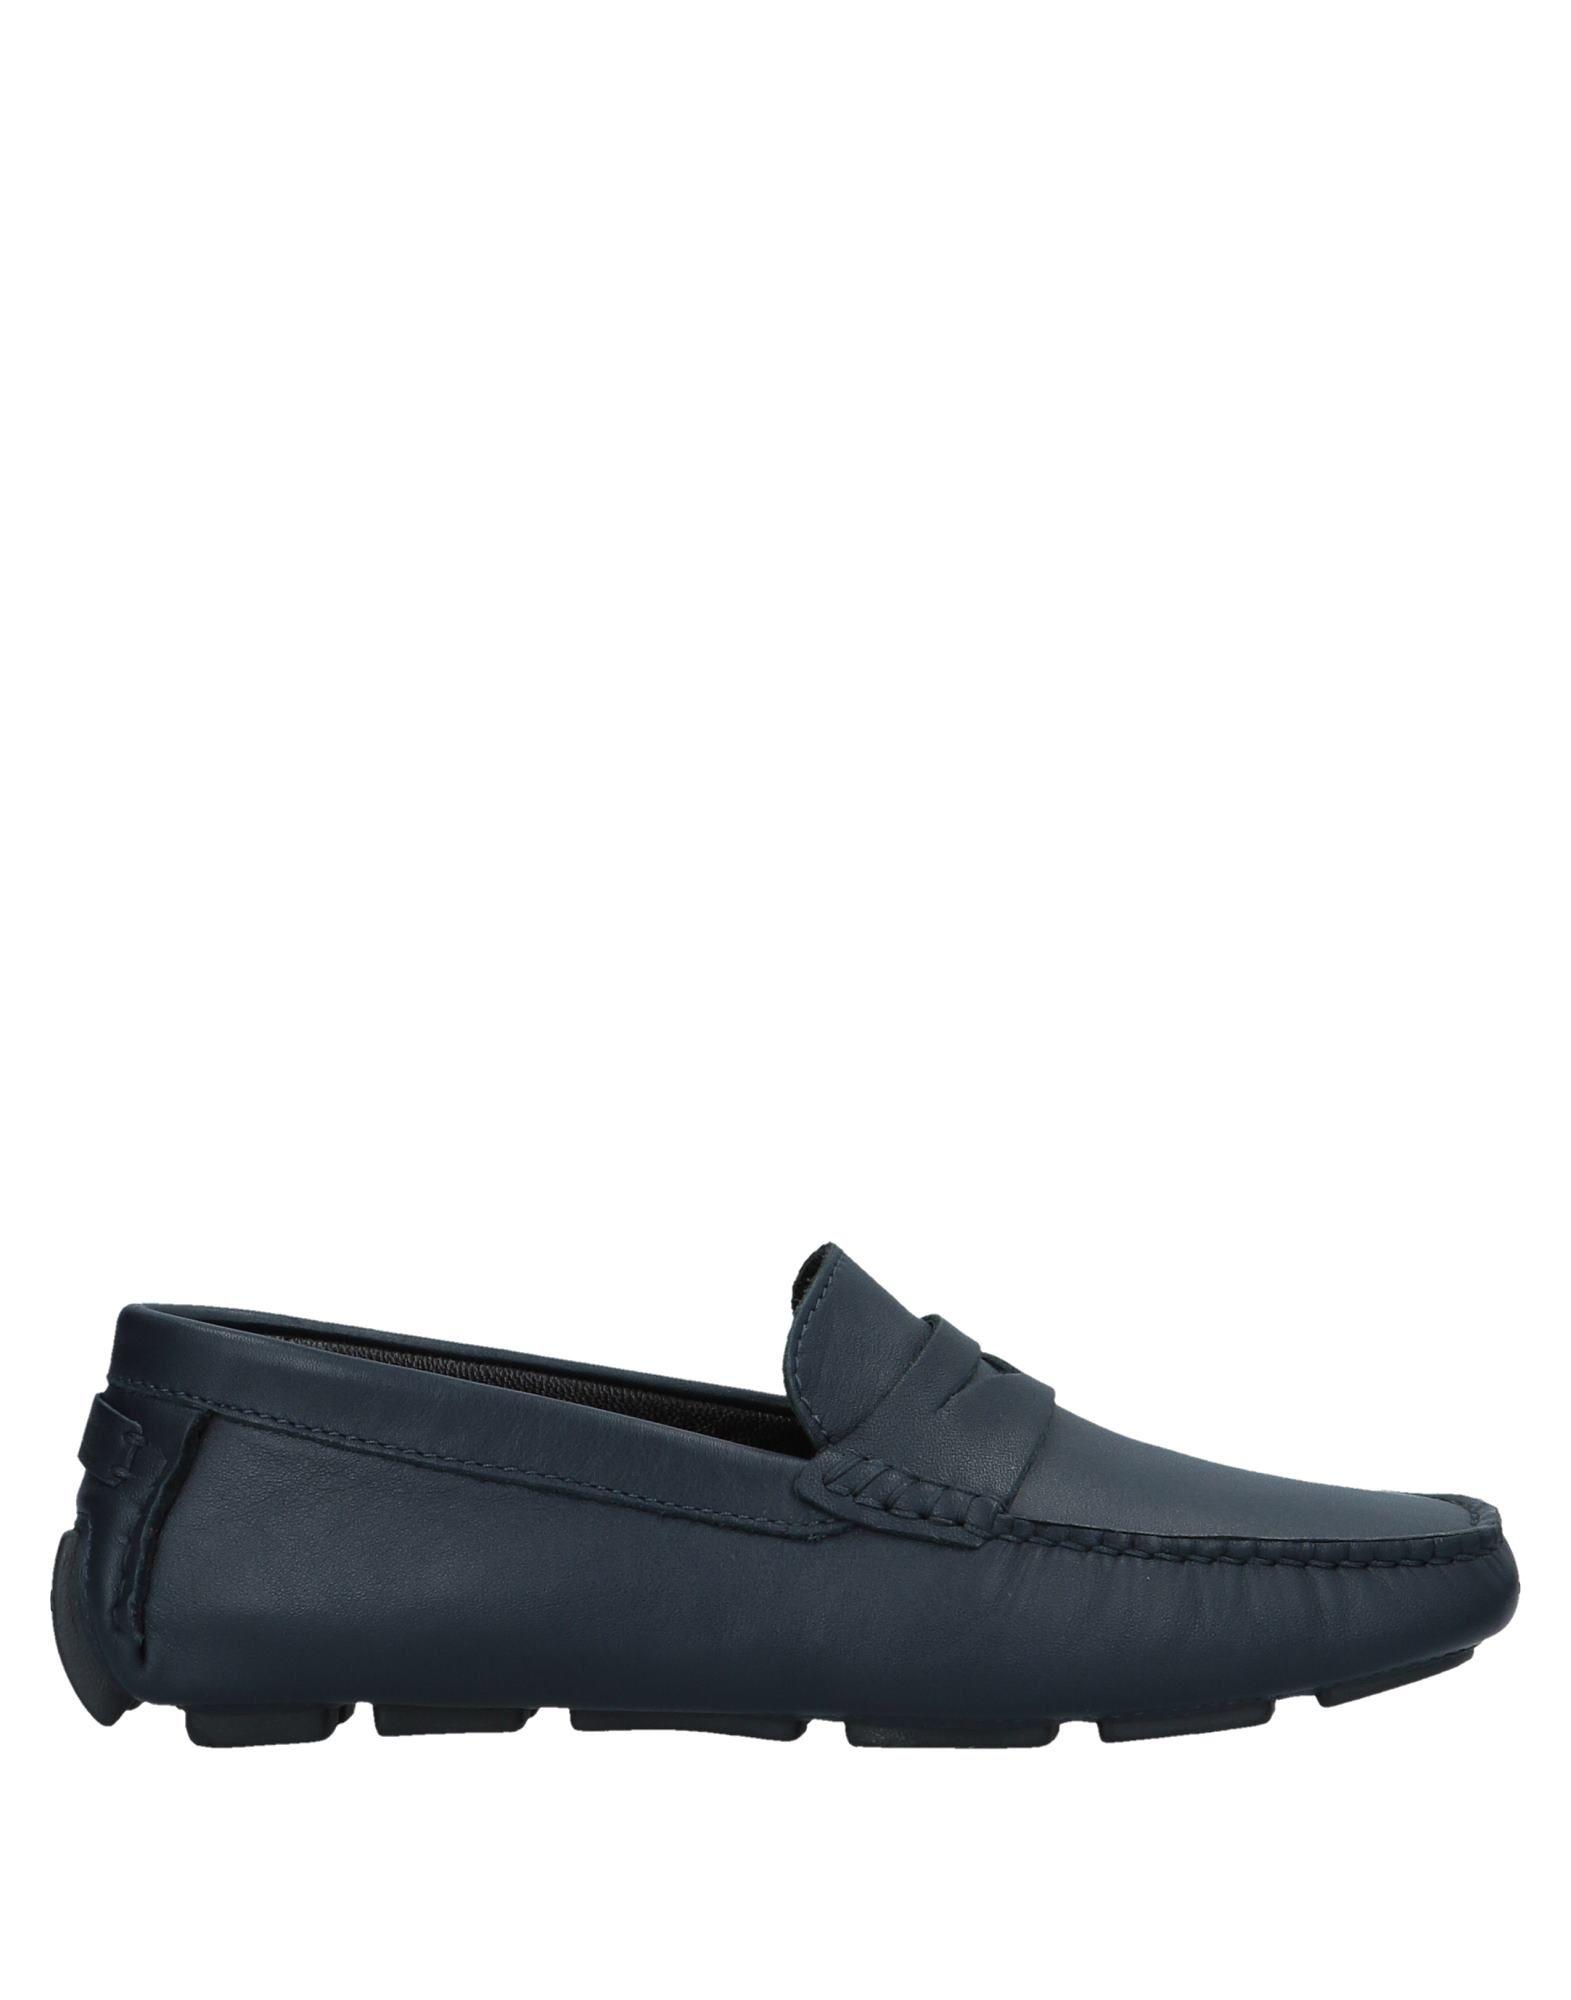 Haltbare Mode billige Schuhe A.Testoni Mokassins Herren  11542418VQ Heiße Schuhe